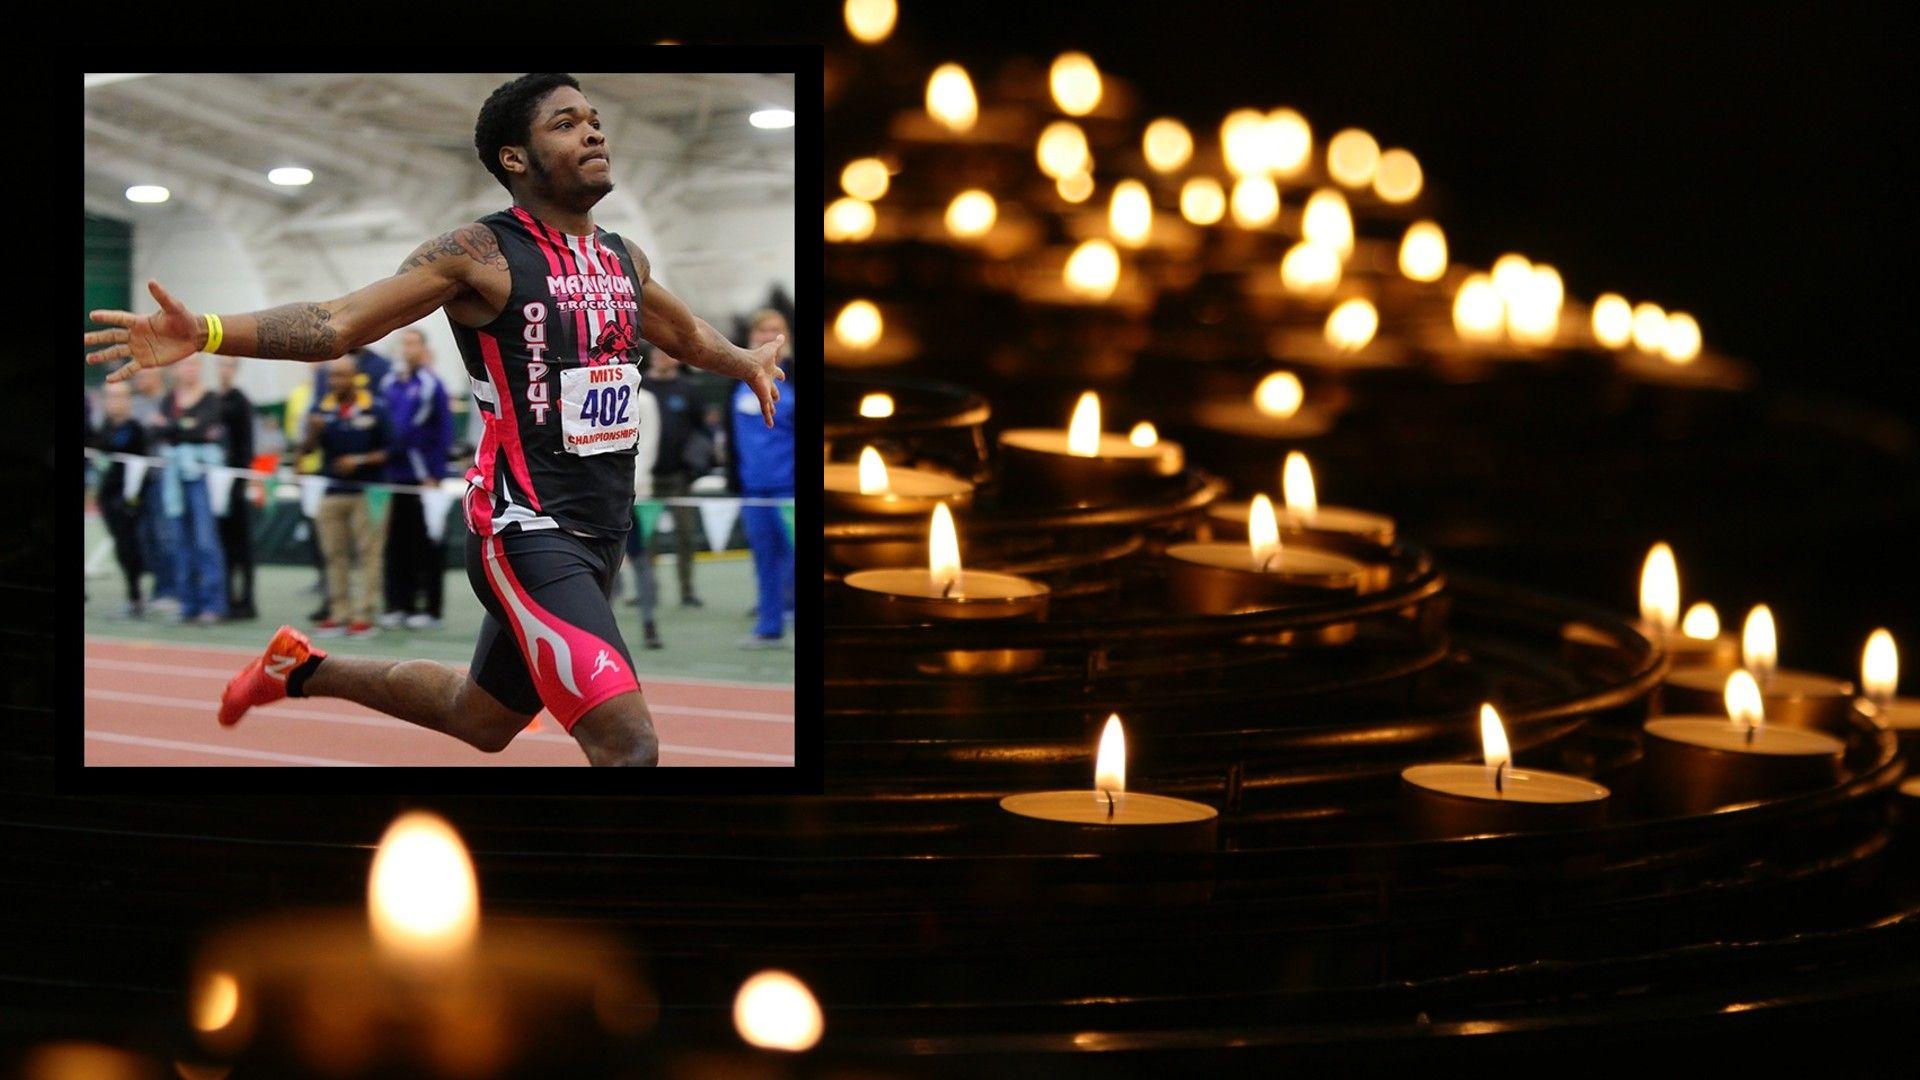 Застреляха една от големите надежди на американската атлетика